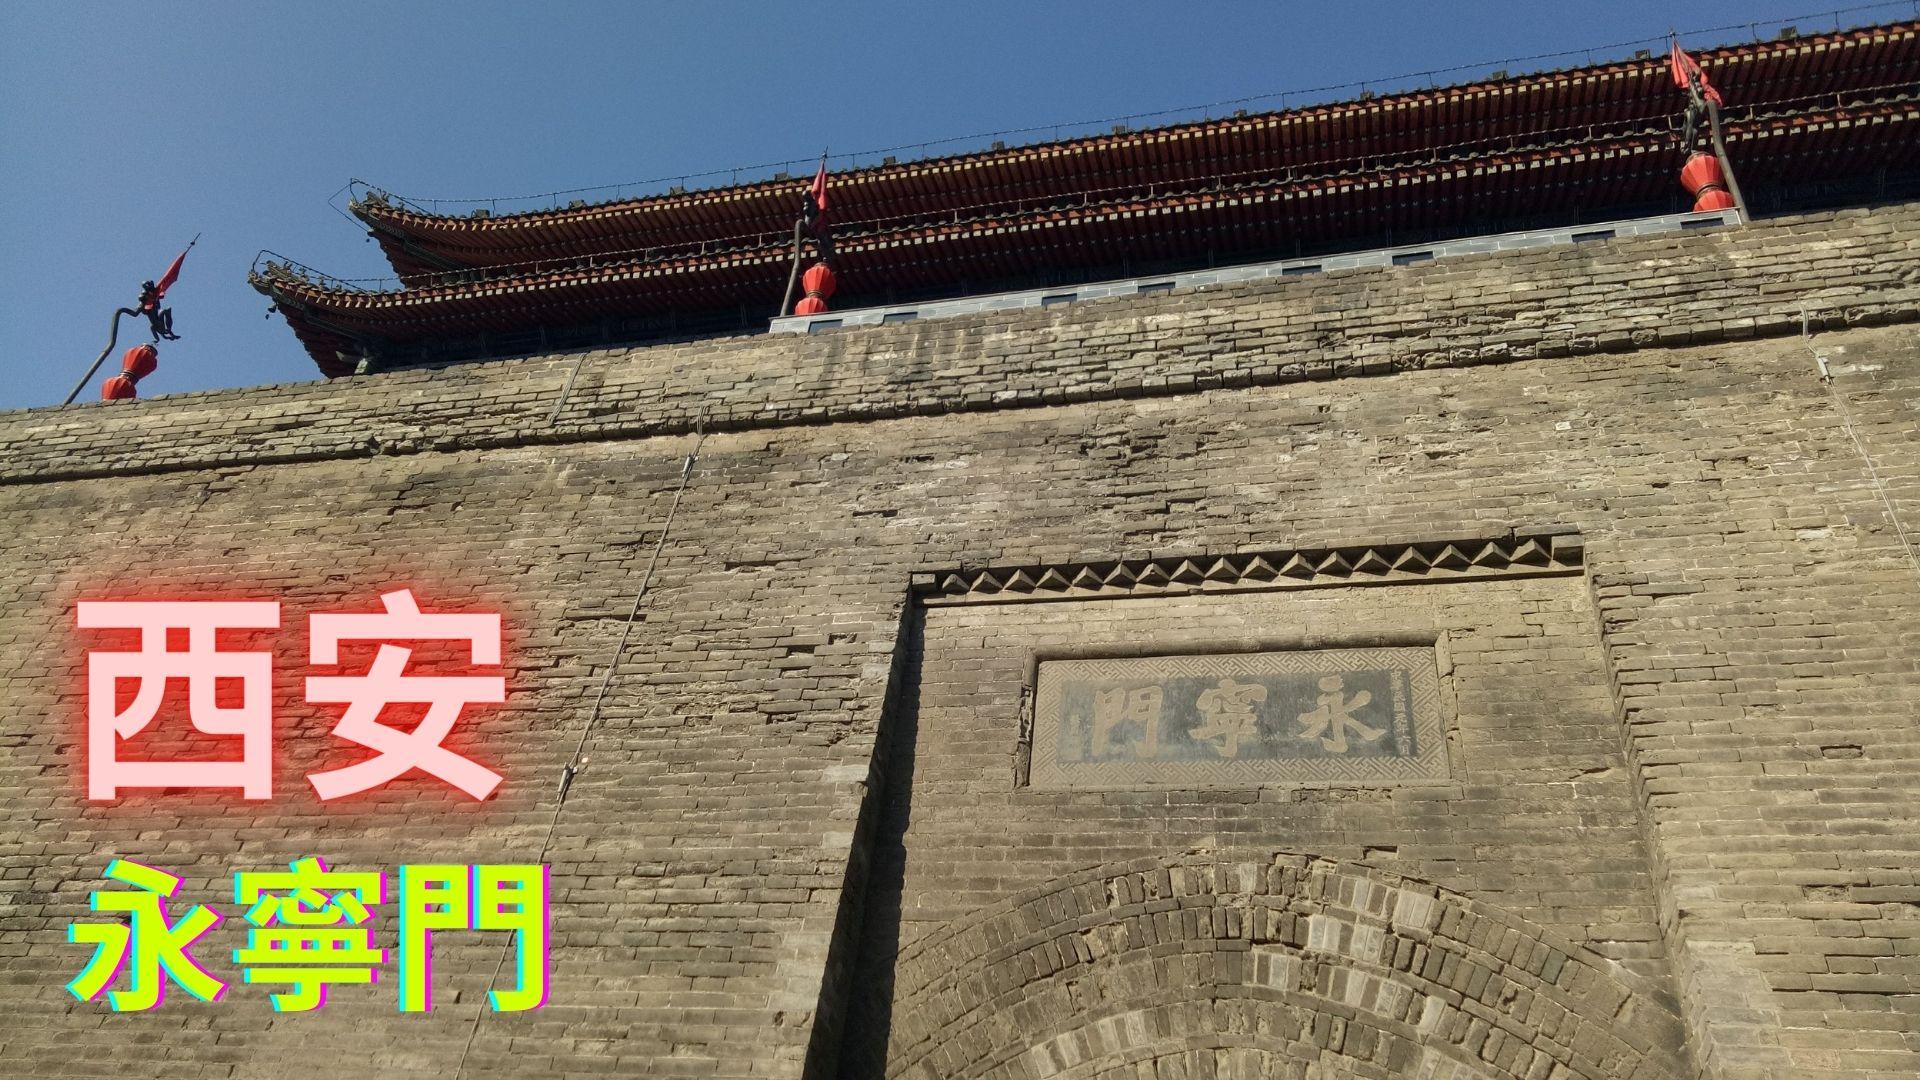 旅行影片 #21: 中国 西安 永宁门城墙